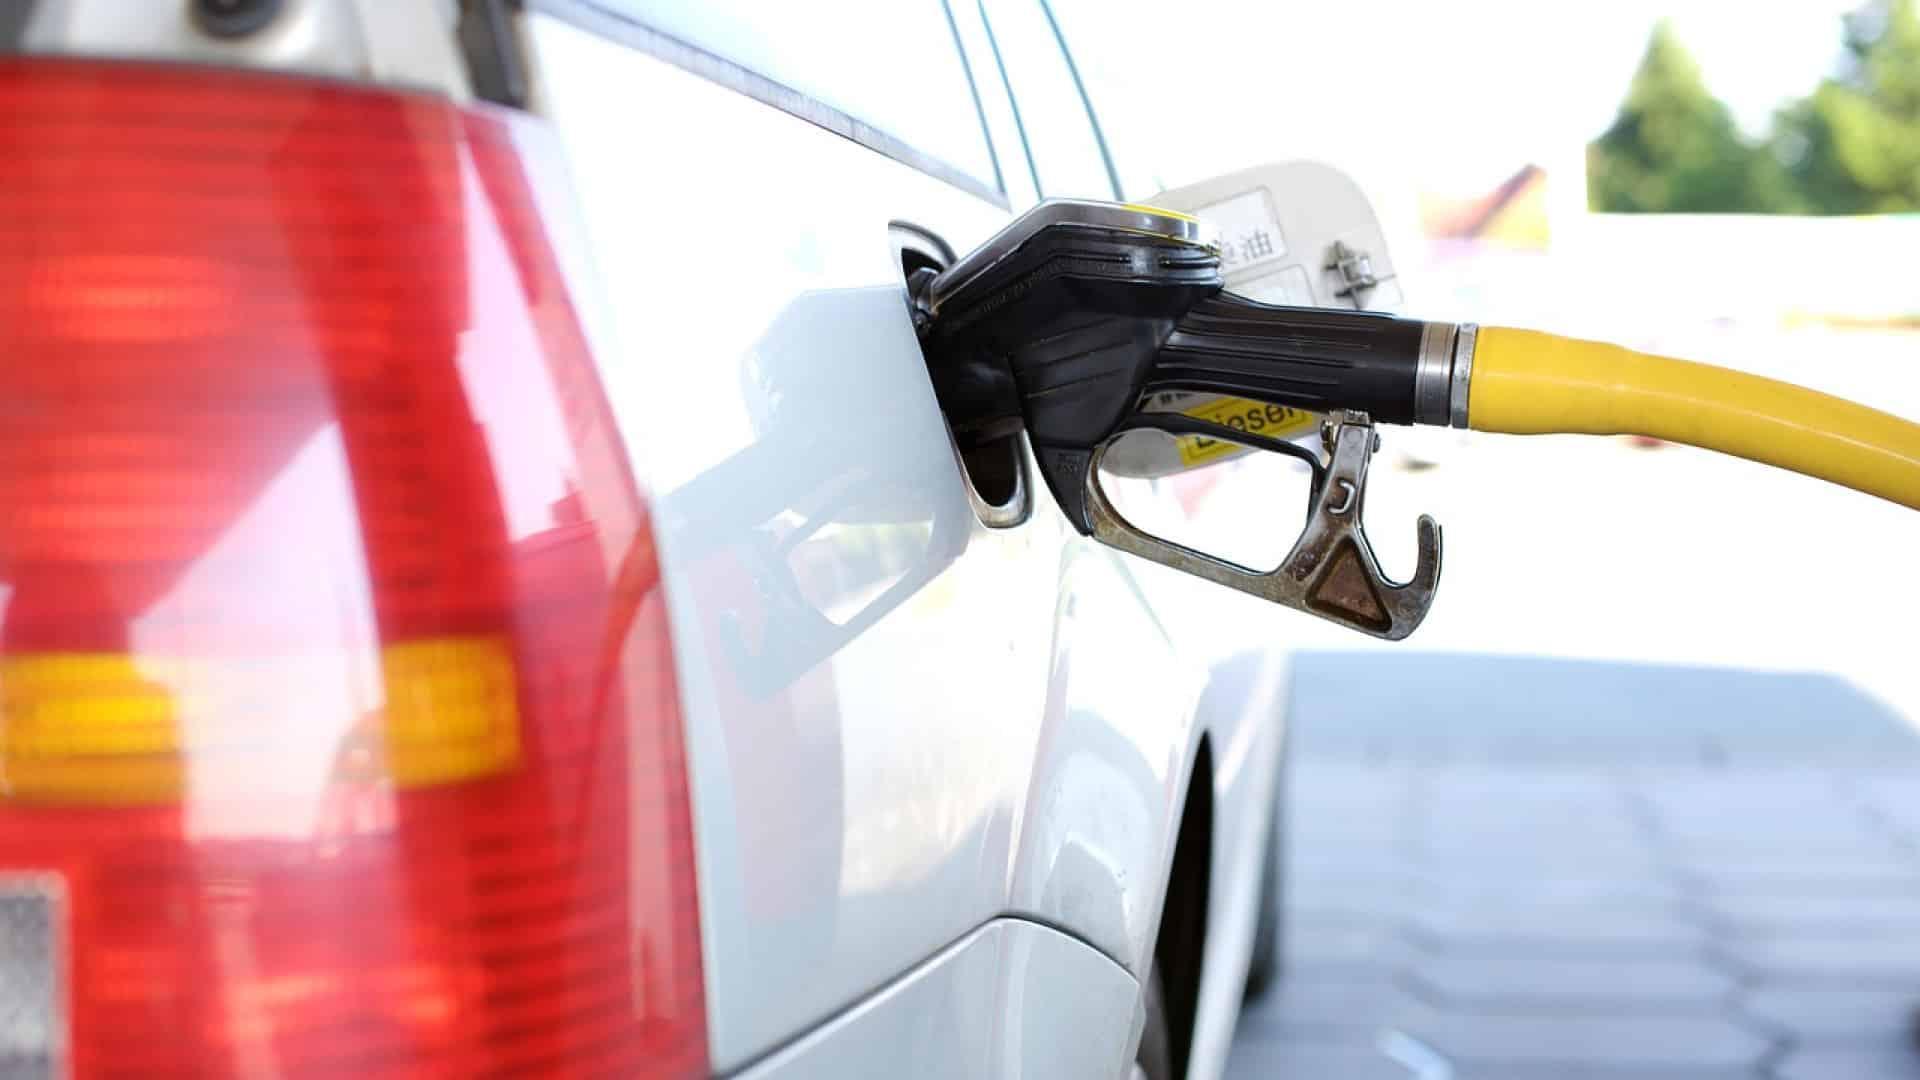 Qu'est-ce qui explique la hausse du prix du carburant en suisse ?